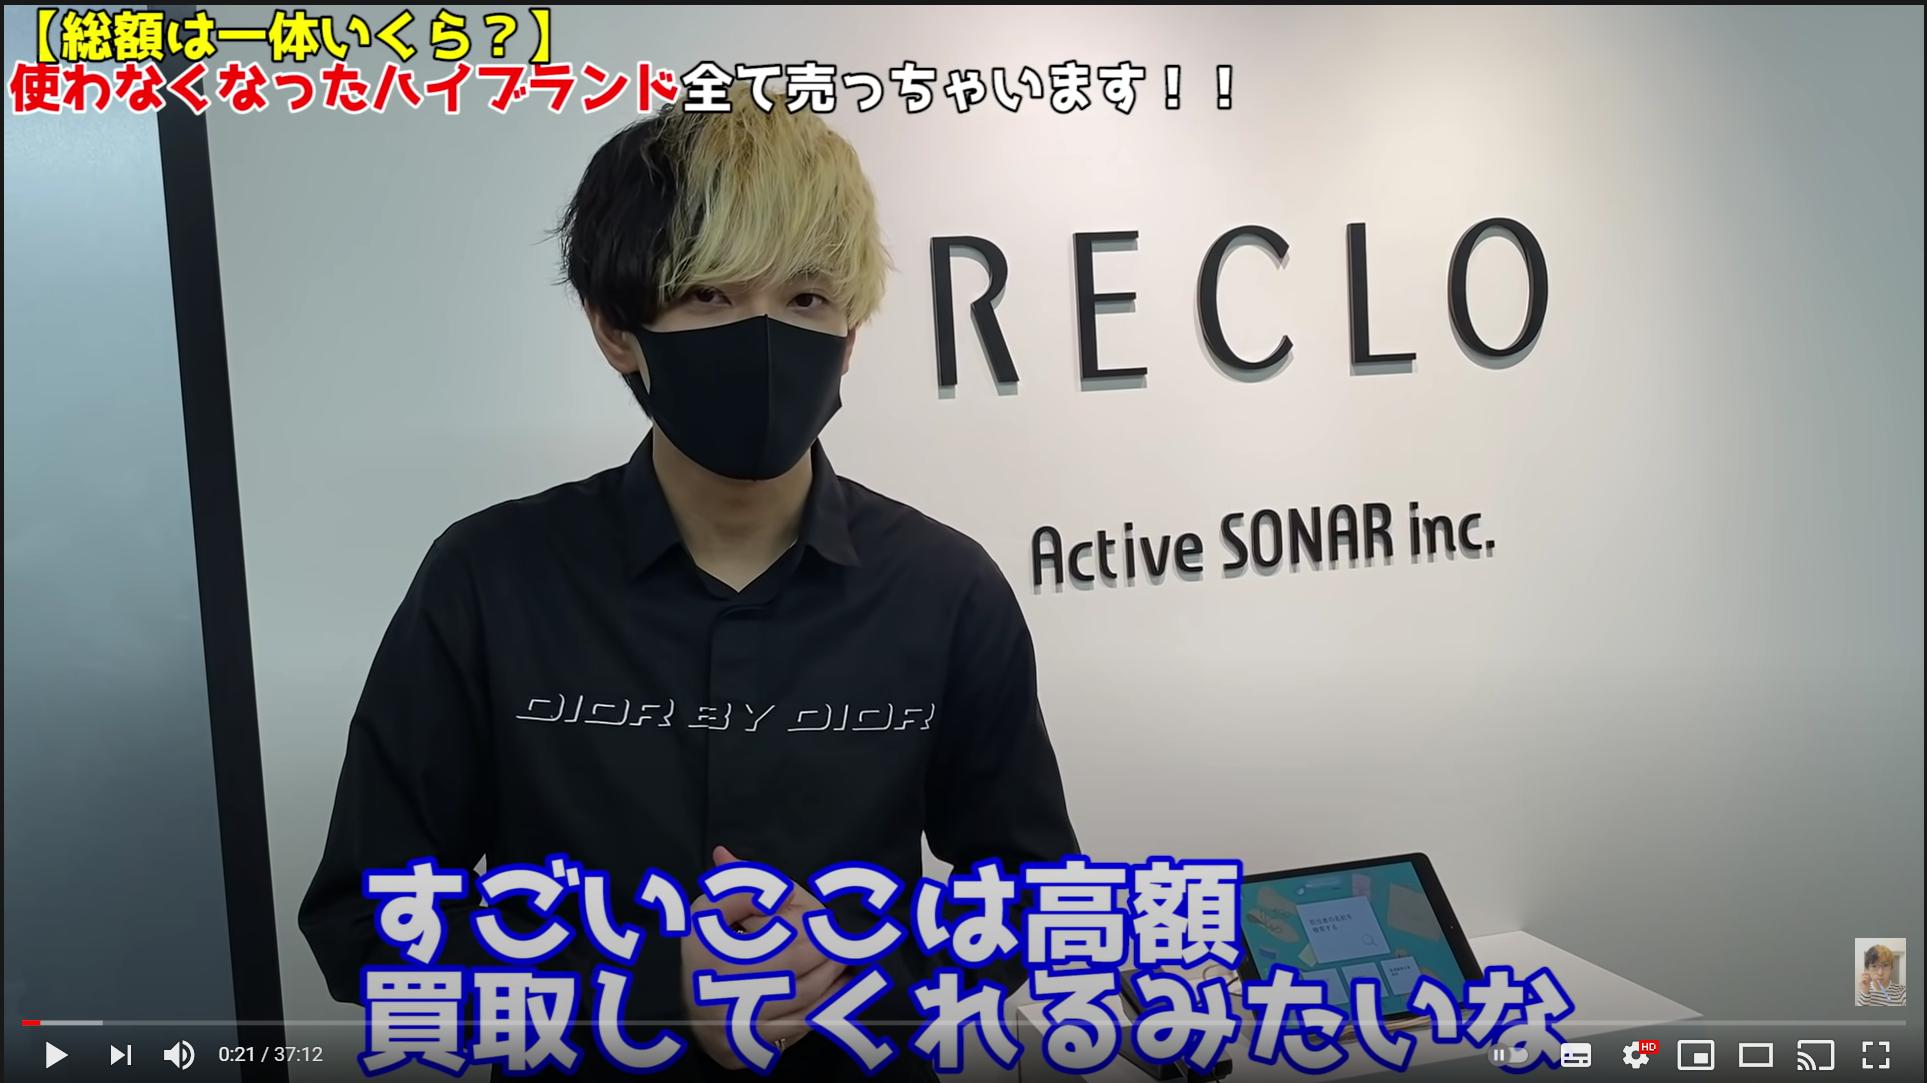 株式会社RECRO様×ヒカル